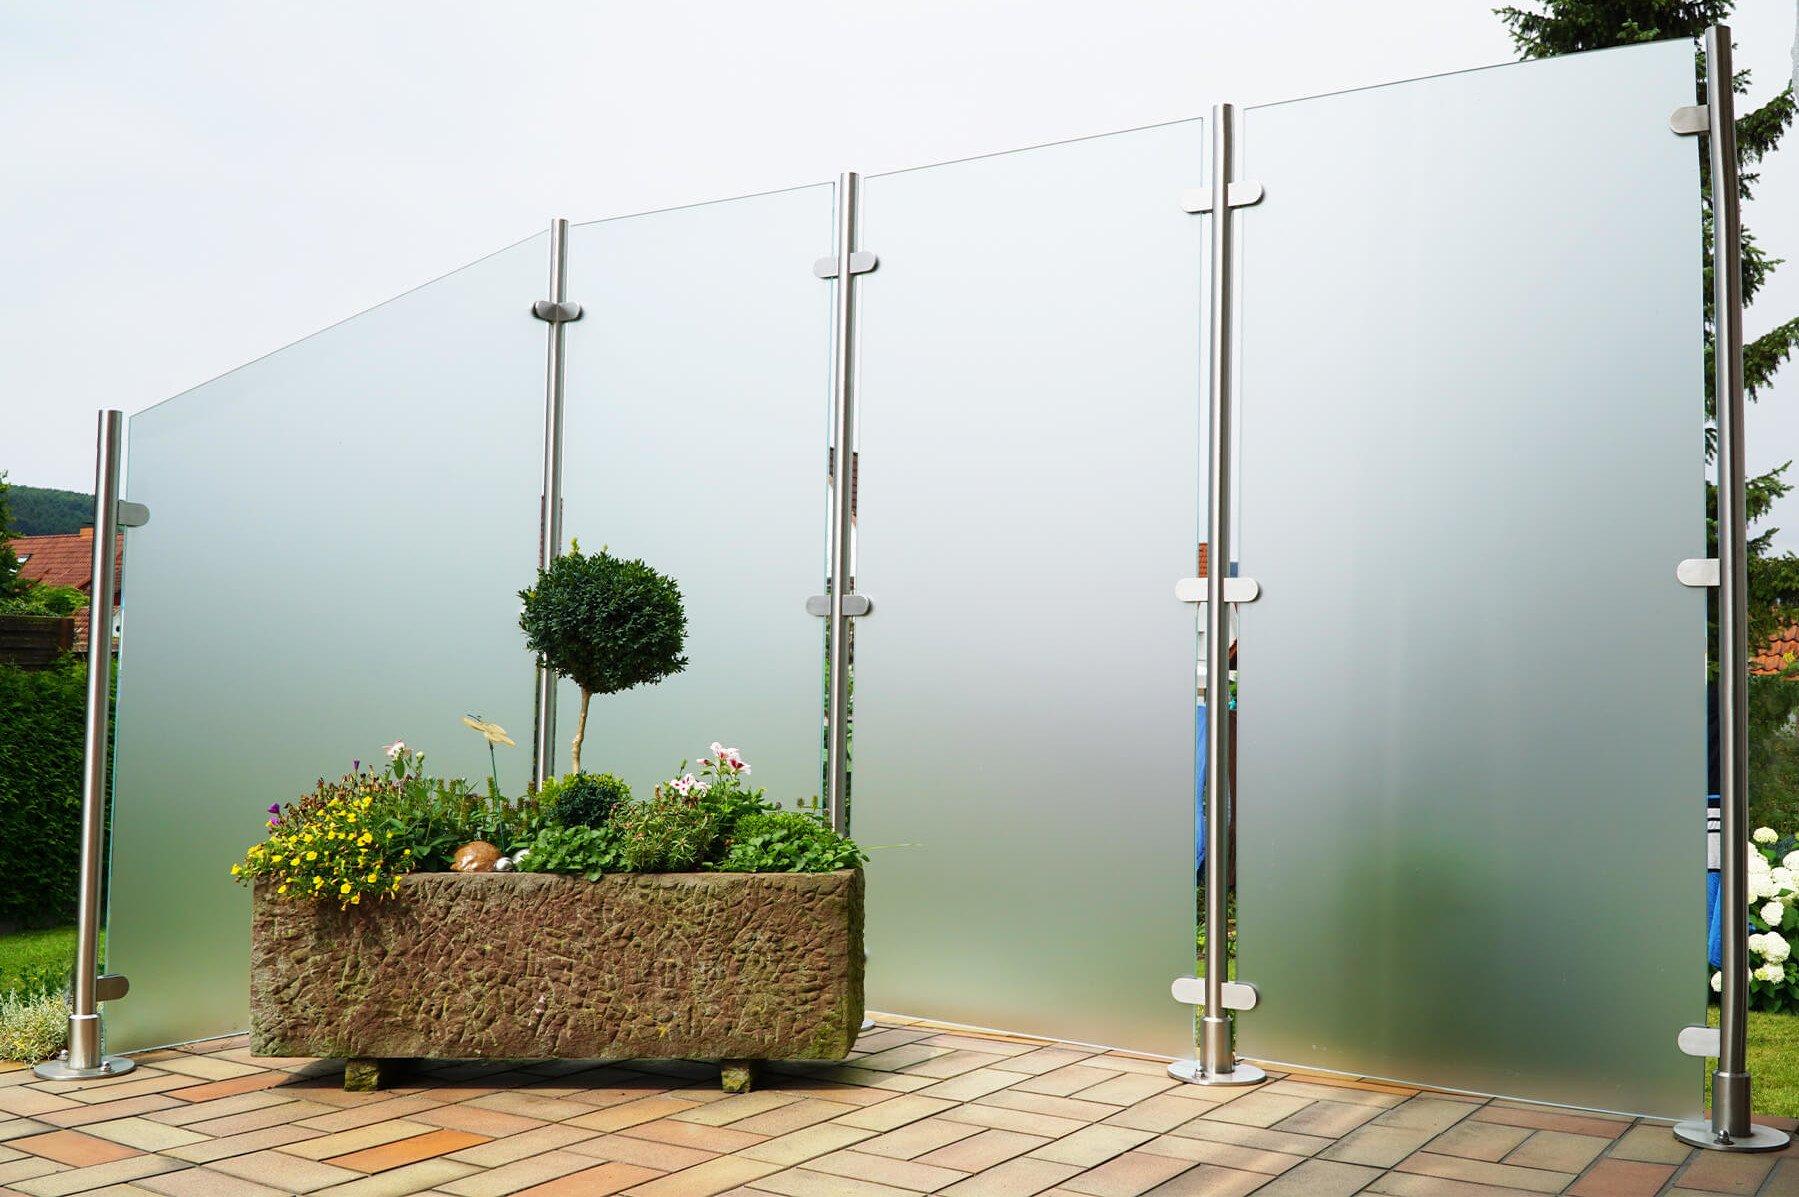 glaszaun-transvent-flexible-gestaltungsmoeglichkeiten- fuer-garten-terrasse-und-balkon